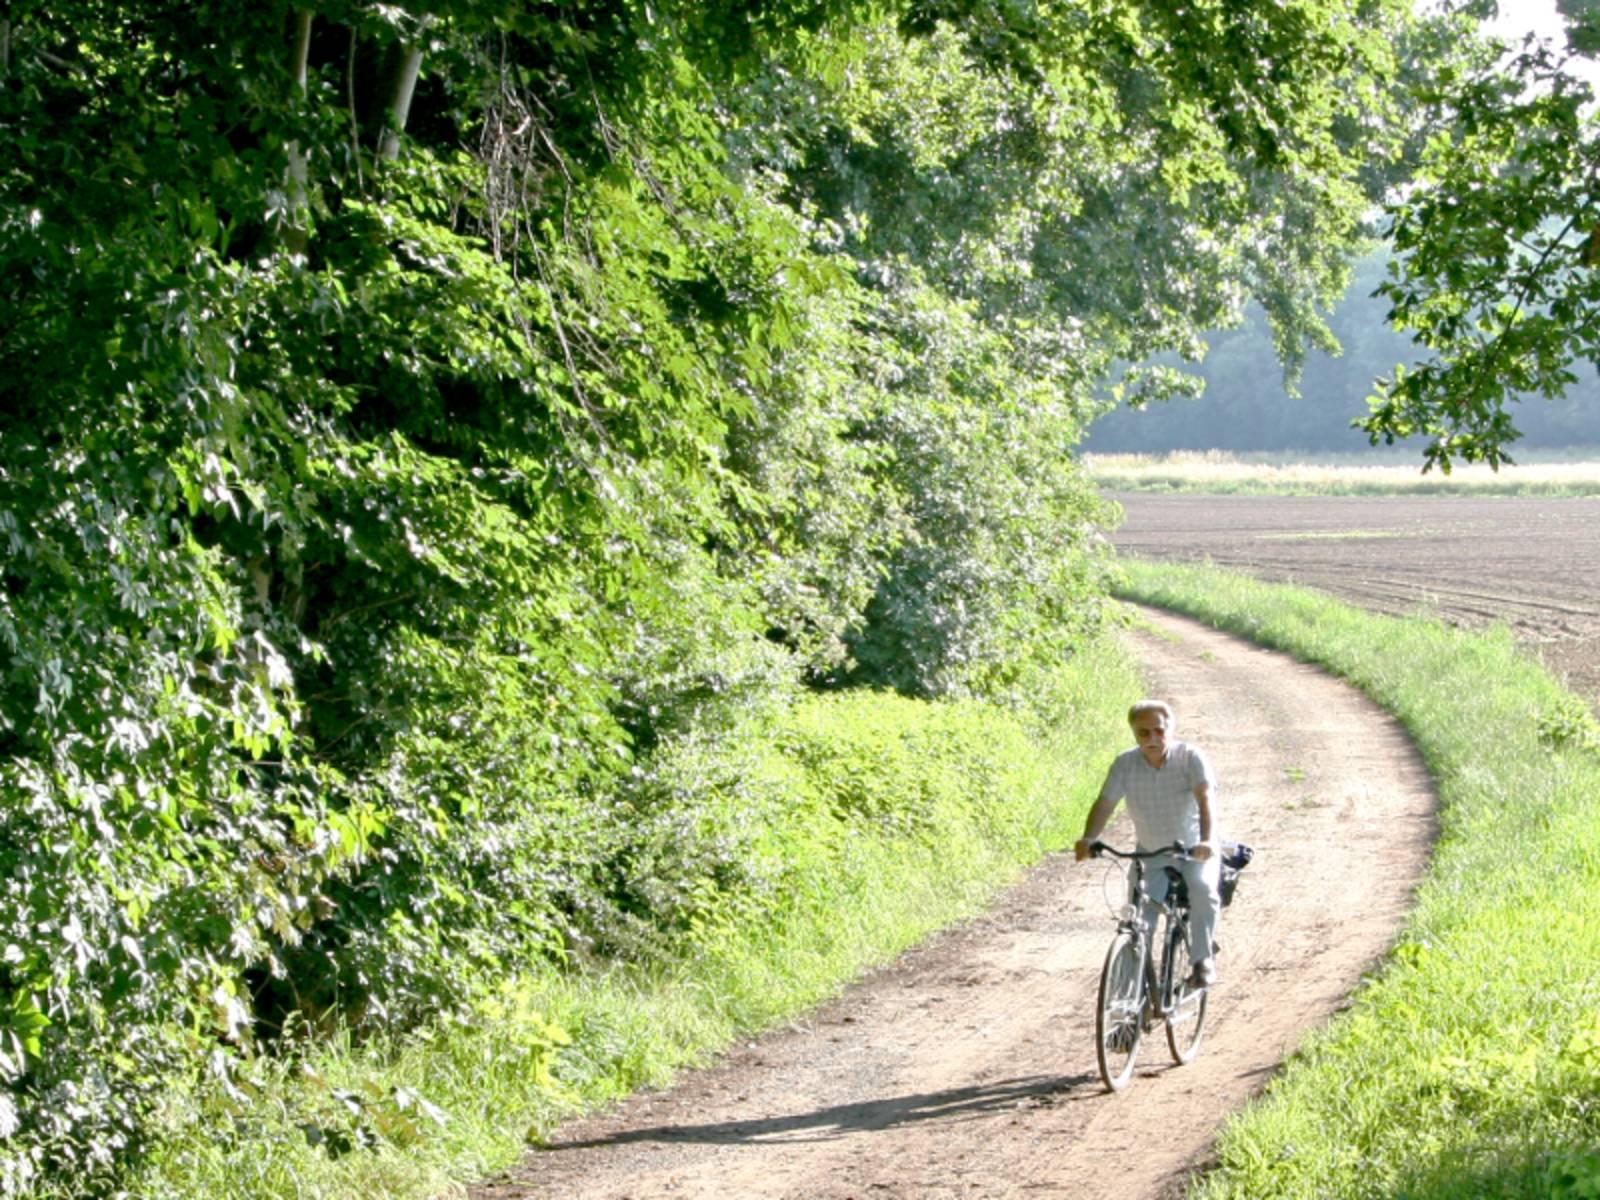 Ein Radfahrer fährt auf einem Feldweg. Im linken Teil des Bild ist Wald, hinten rechts ist ein Feld zu erkennen.